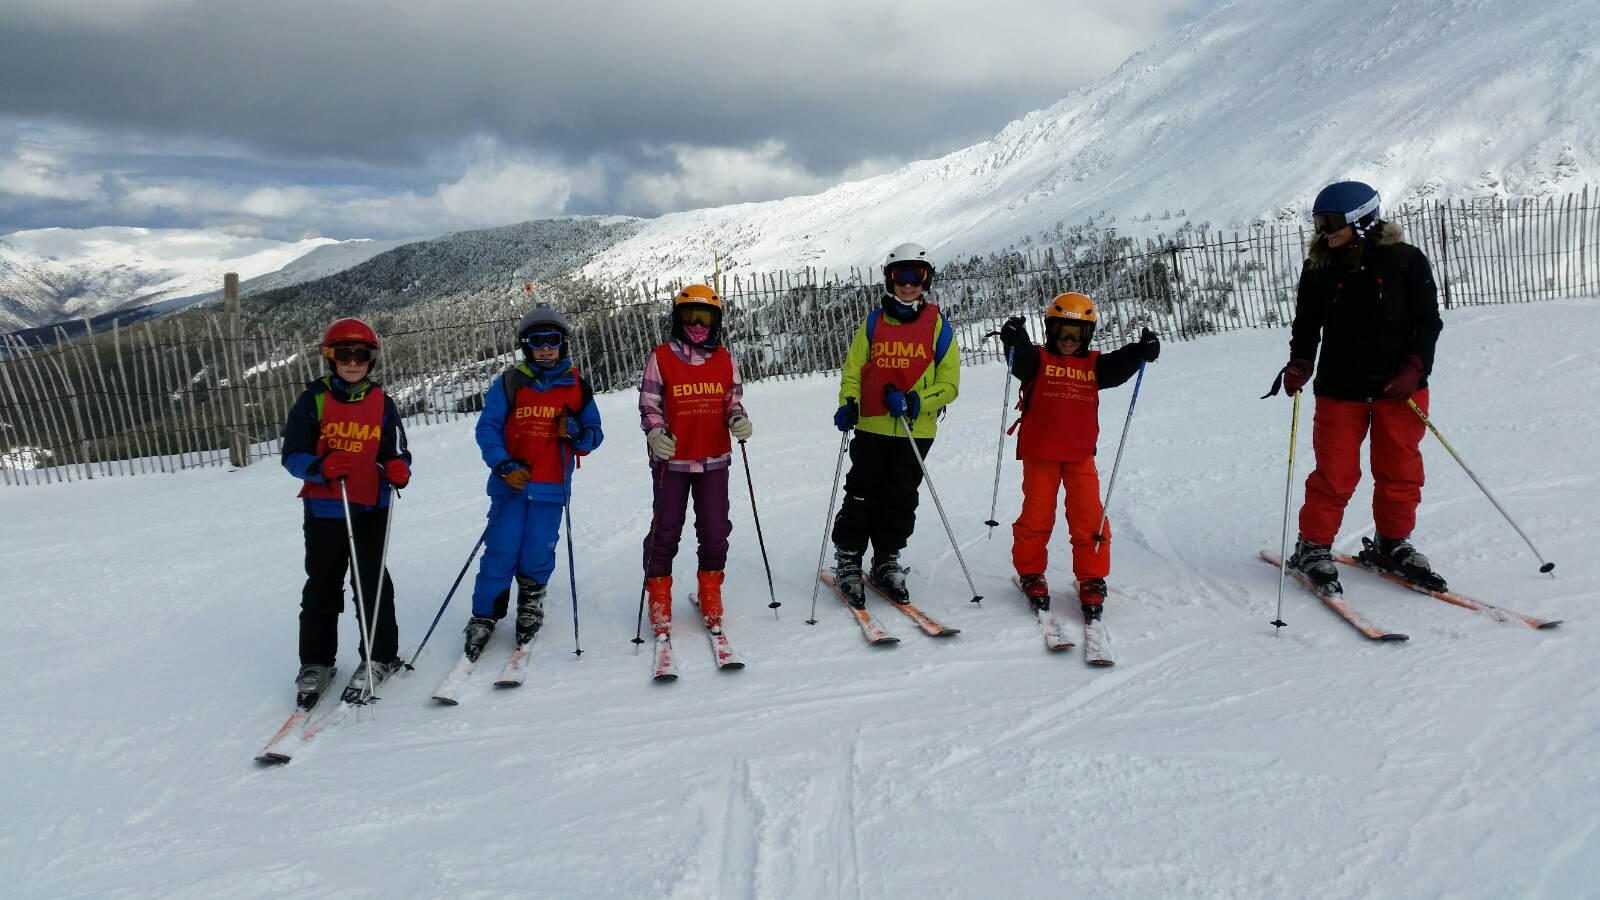 Vacaciones Escolares 2015. Curso de ski. Esquí infantil, juvenil y adultos.